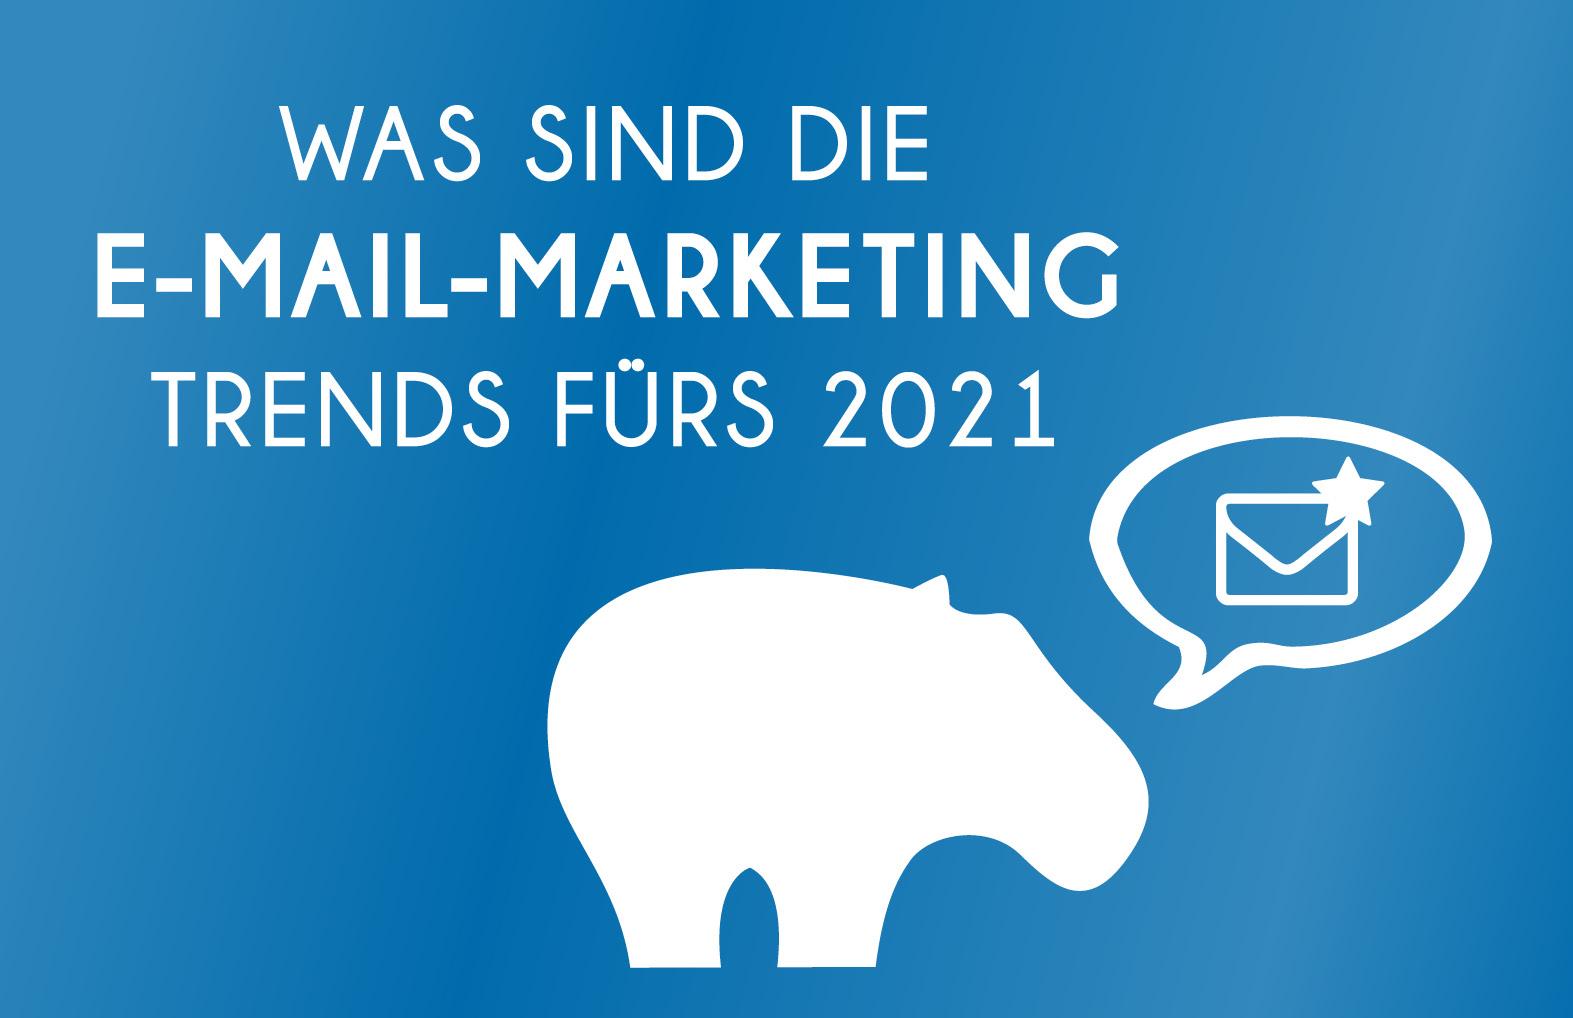 Was sind die E-Mail-Marketing Trends 2021